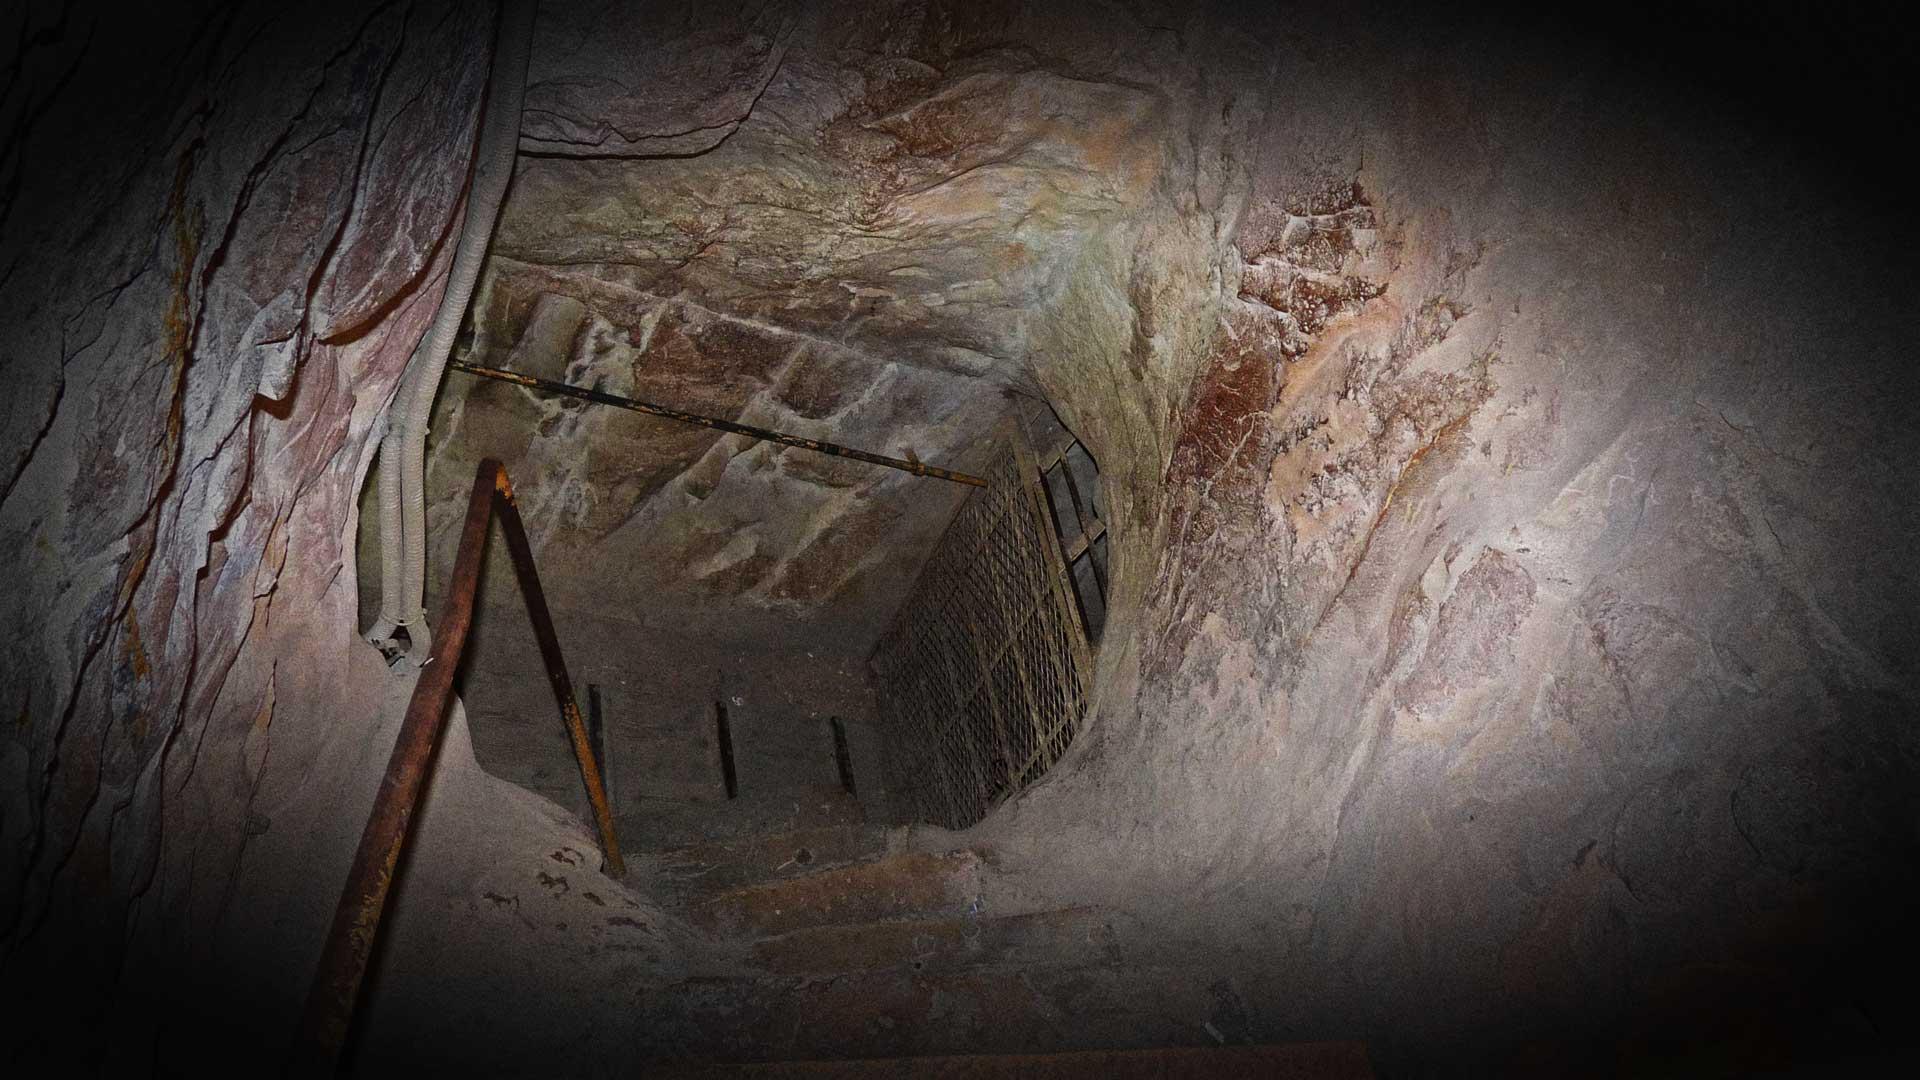 Große Pyramide Zugang zum Eingang zum absteigenden Gang hinunter zur Felsen-Kammer.